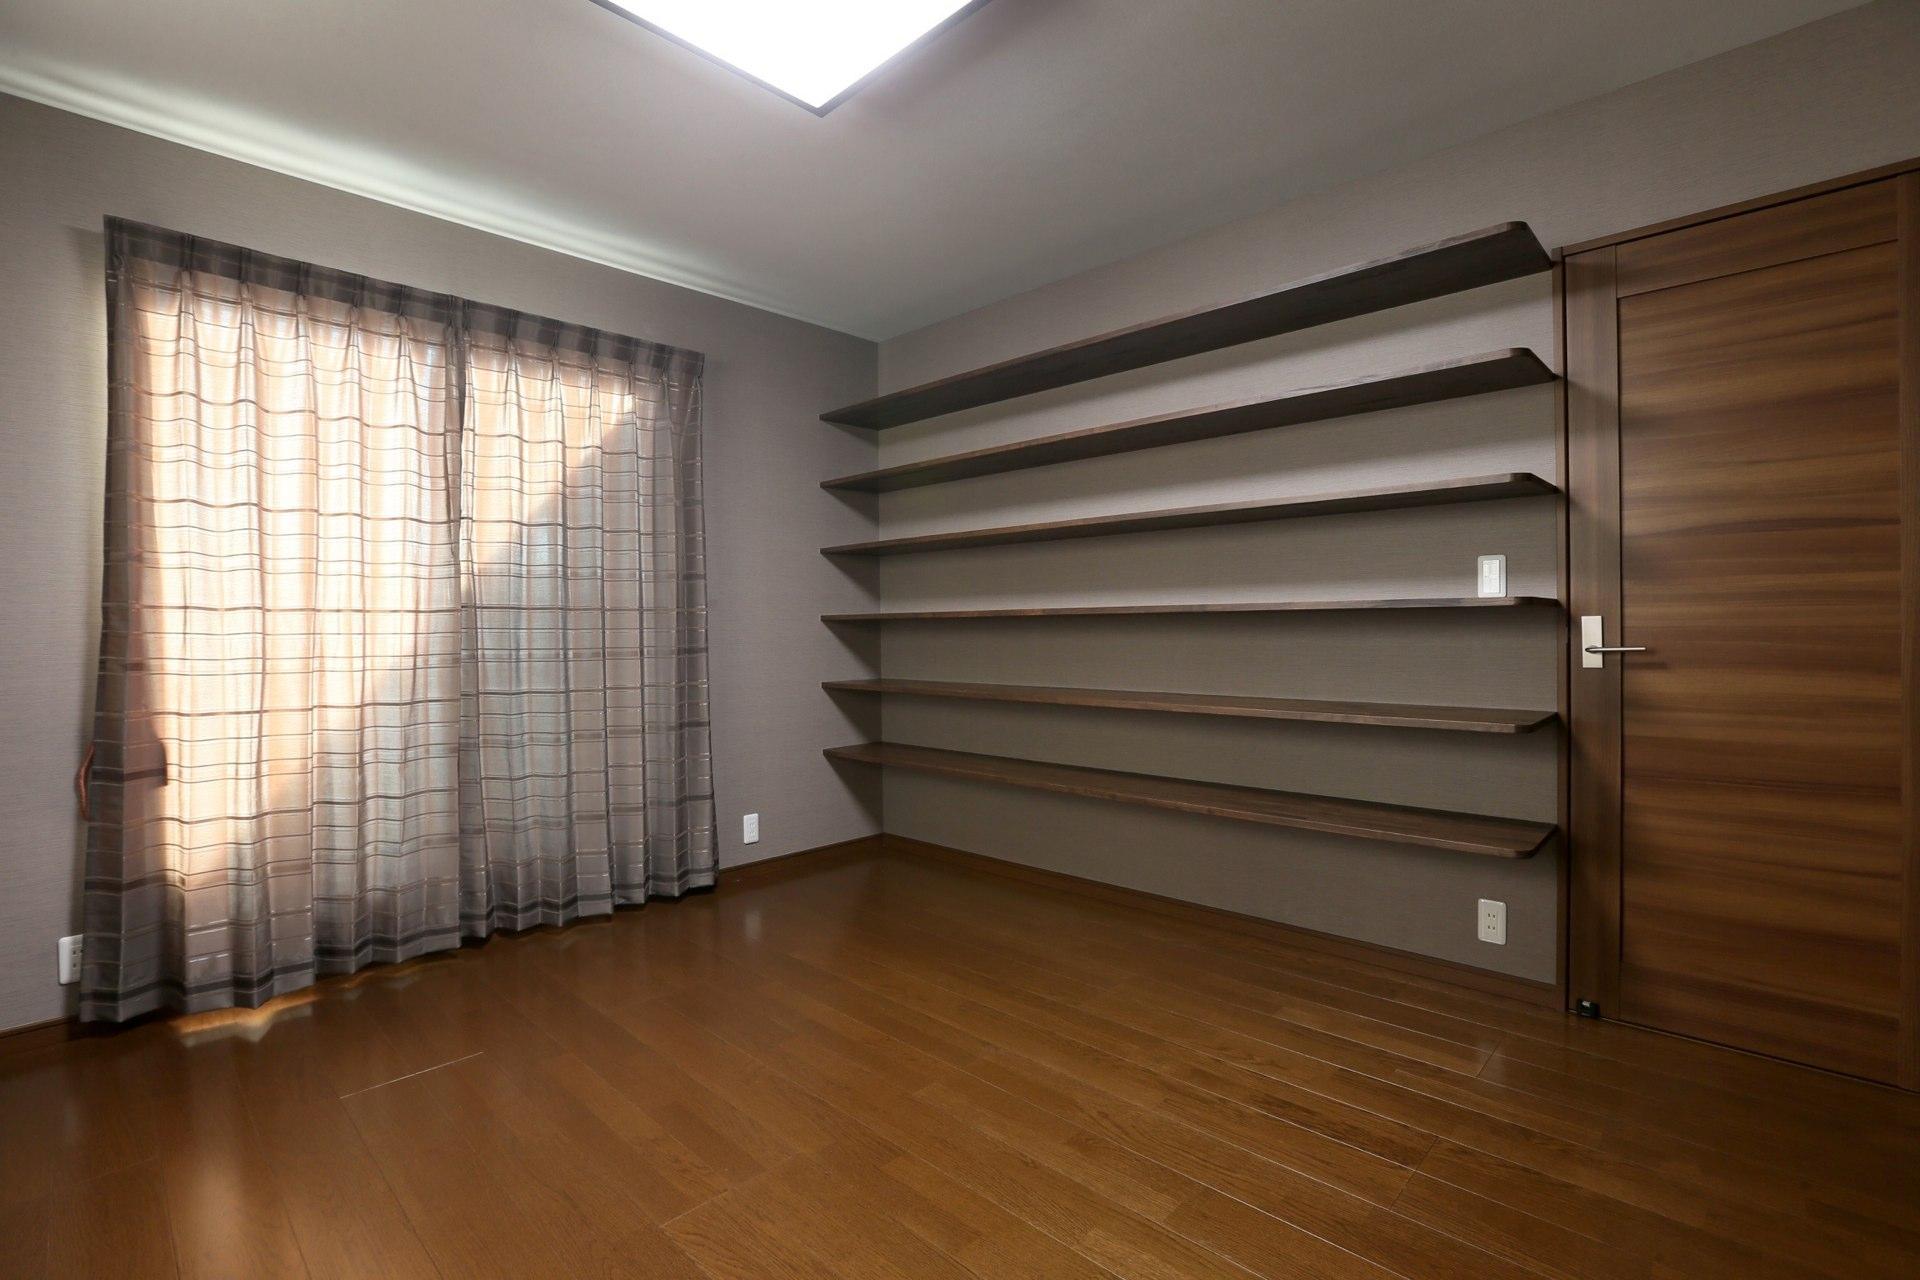 壁面収納のある寝室(k's residence) - ベッドルーム事例|リノベーション